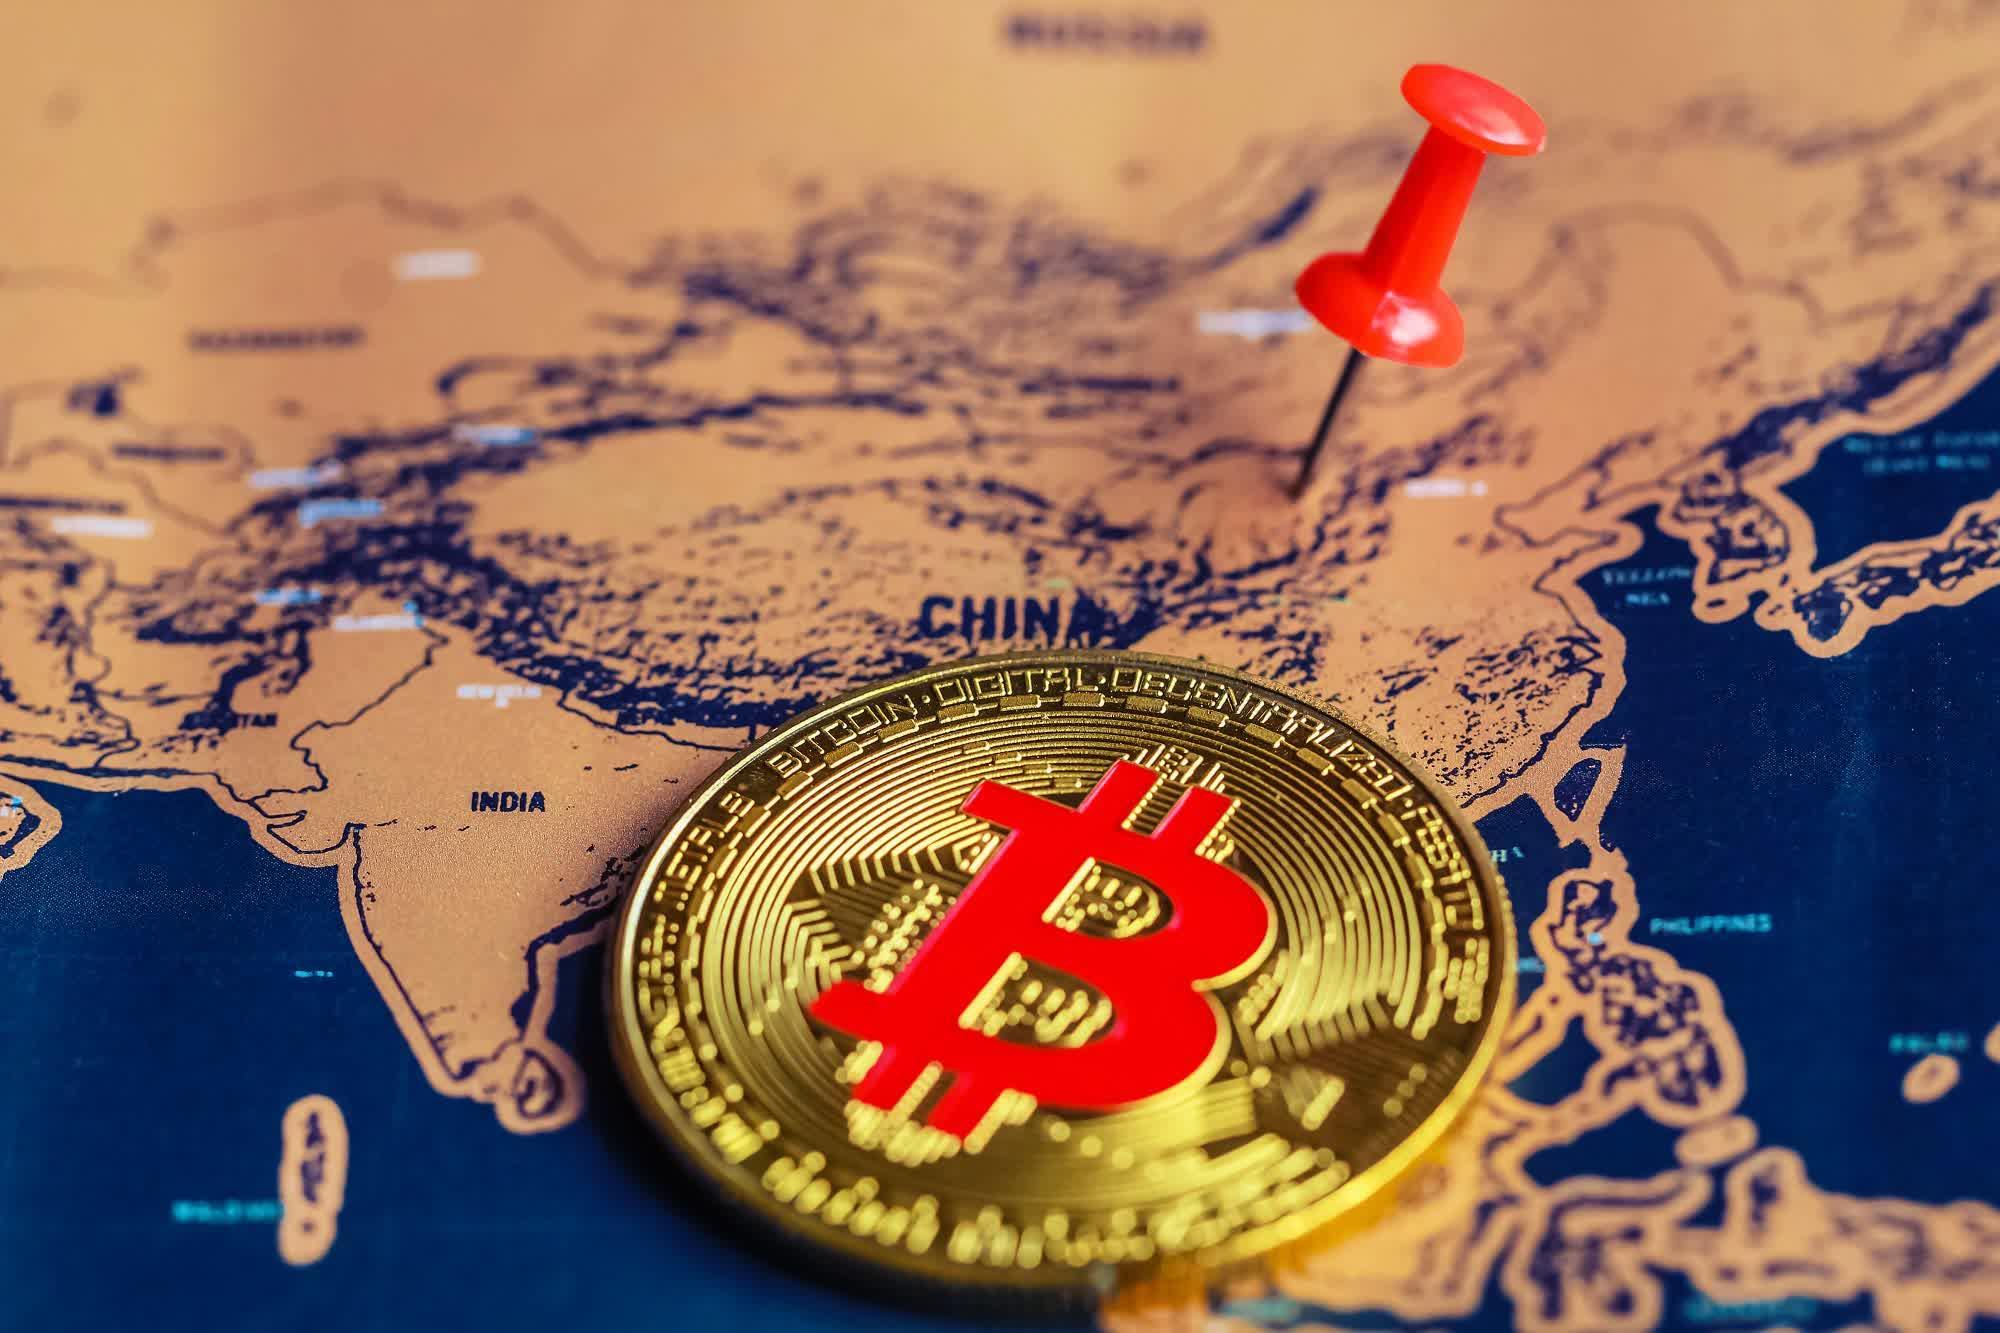 Kể từ hồi giữa tháng 5, đây là lần thứ hai Trung Quốc đưa ra tuyên bố mạnh mẽ nhằm trấn áp hoạt động đào và giao dịch tiền ảo ở đất nước tỷ dân. Ảnh: @AFP.